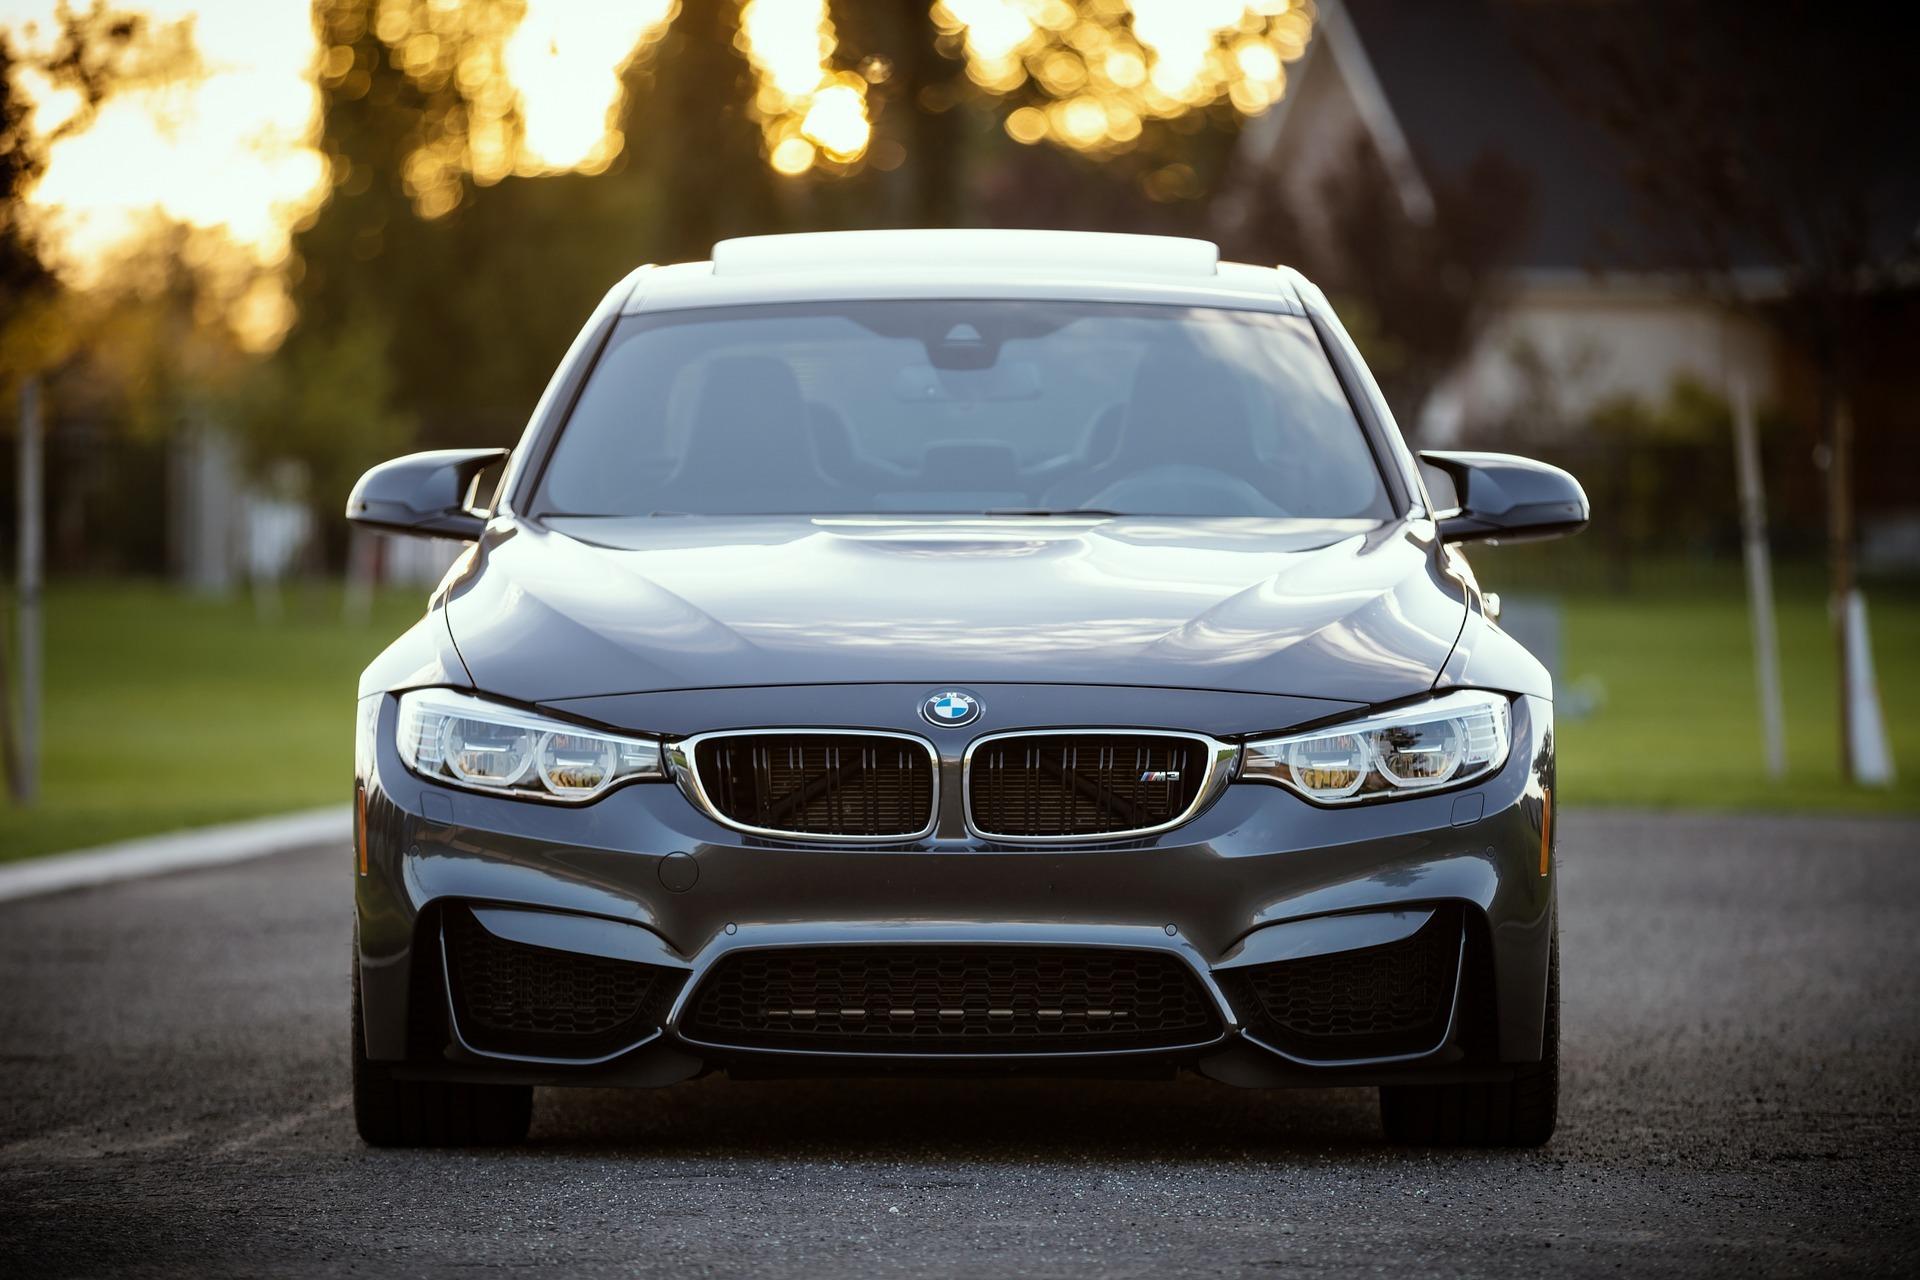 Von 2,2 Milliarden auf Minus 666 Millionen Euro: Das zweite Quartal fällt für BMW deutlich negativer als im Vorjahr aus